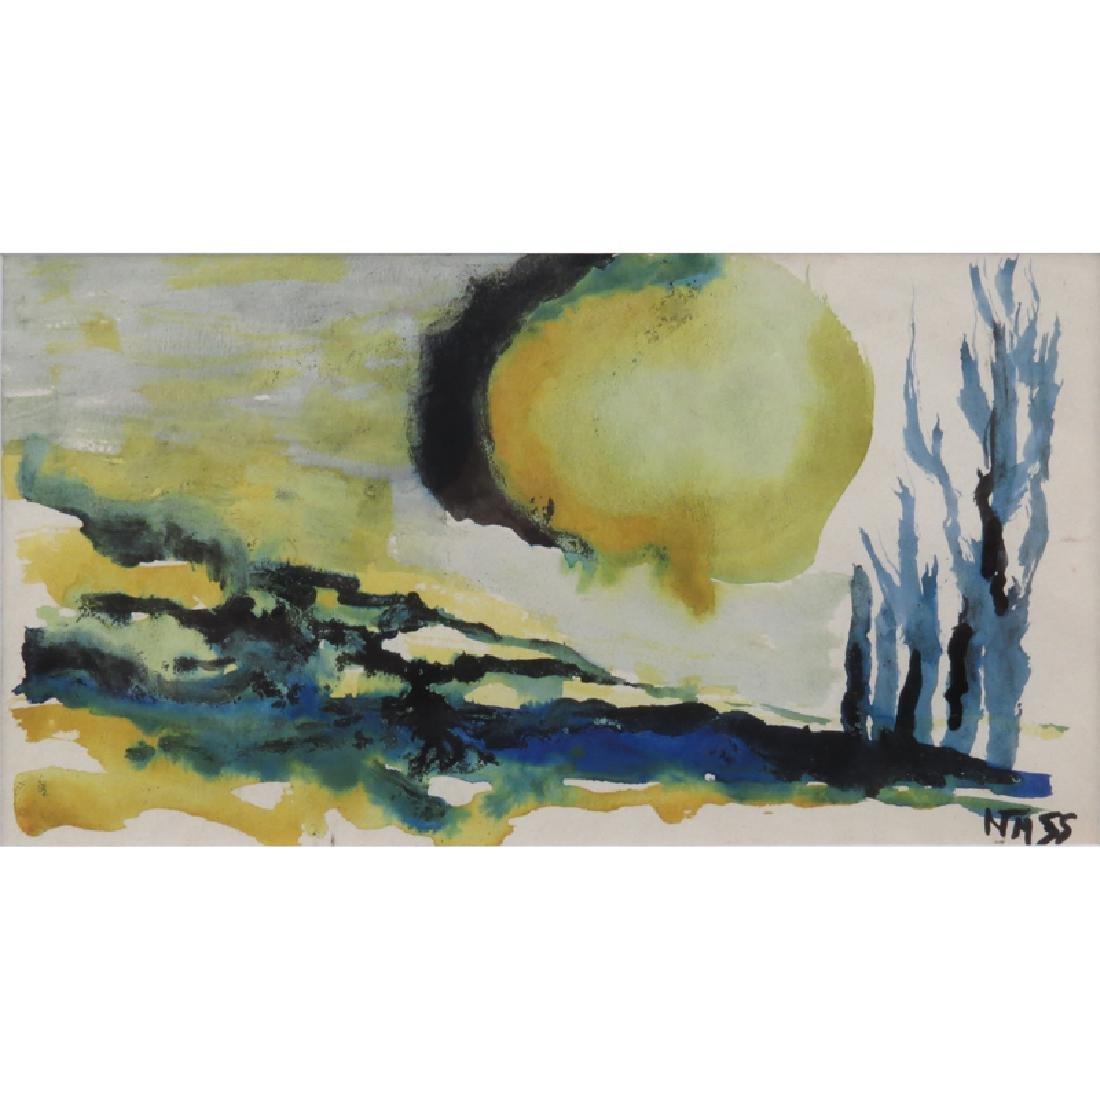 Miklós Németh, Hungarian  (1934-2012) Watercolor on